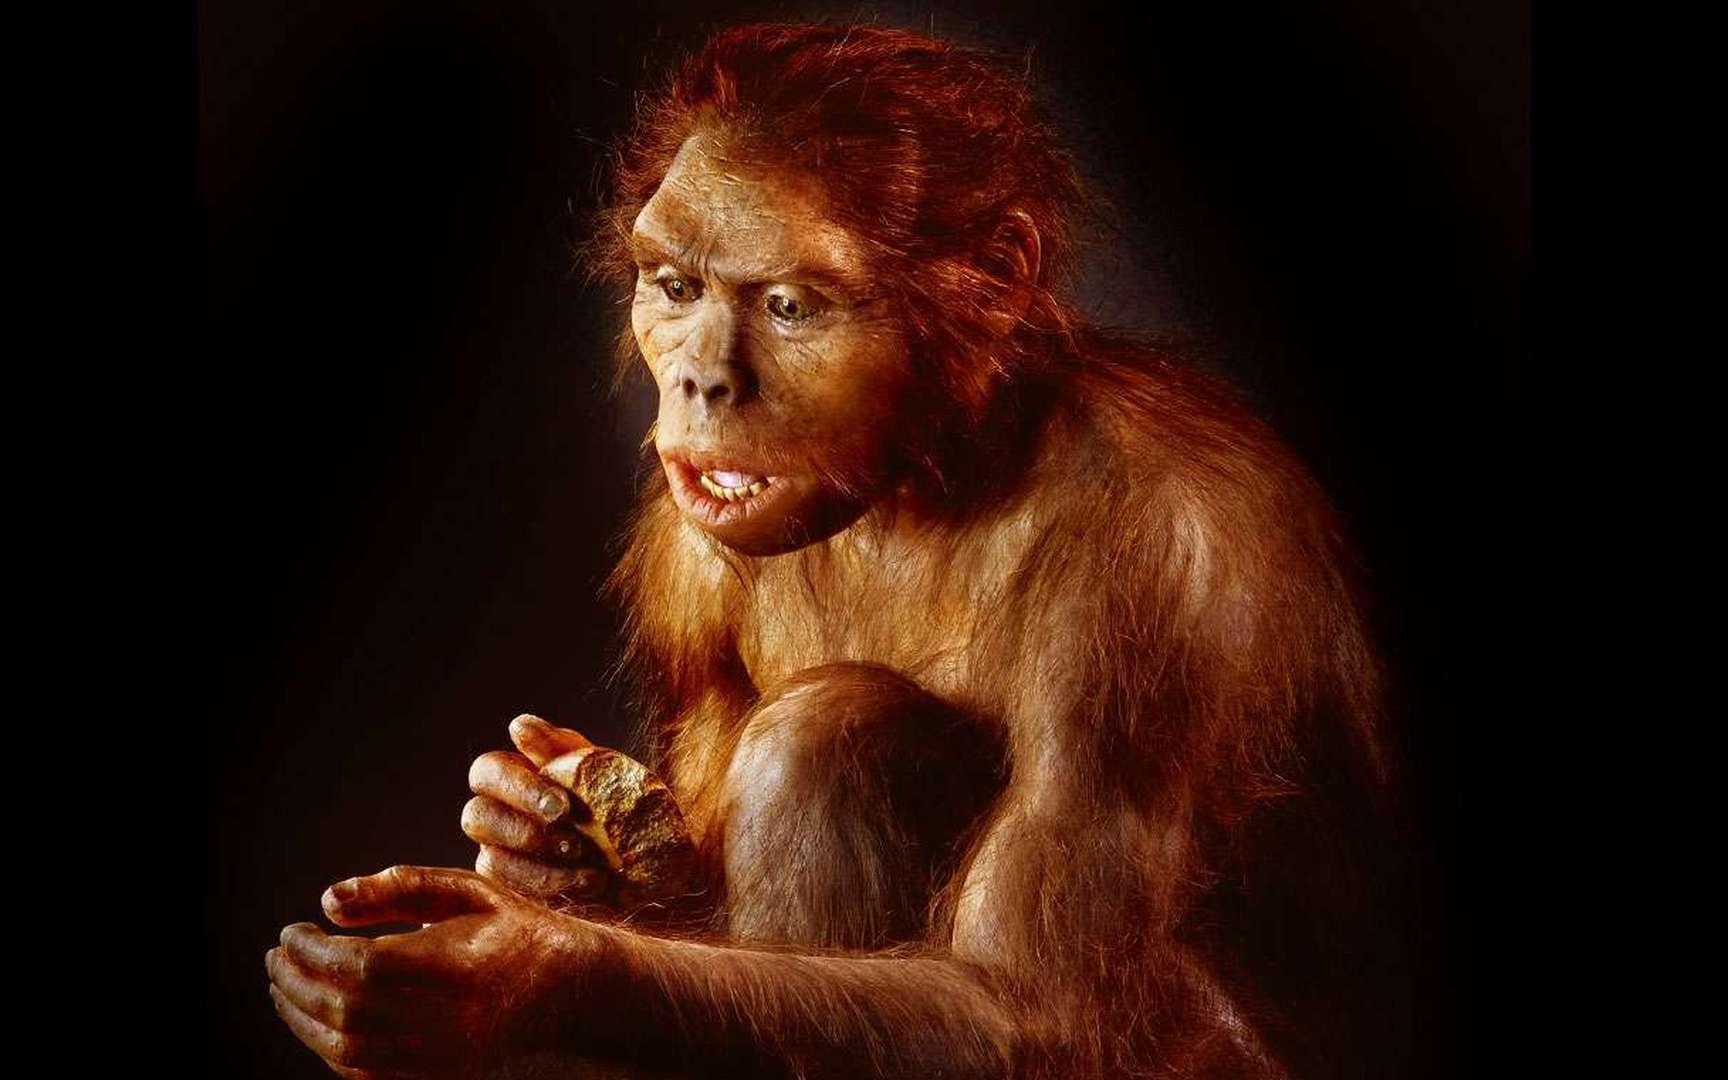 Premier représentant officiel du genre humain, voici Homo habilis, l'« homme habile », ici représenté par une femelle ! Il fut ainsi nommé parce qu'il avait été trouvé non loin d'outils dont on sait aujourd'hui qu'ils ne sont aucunement le propre de l'homme. © Dunod, tous droits réservés